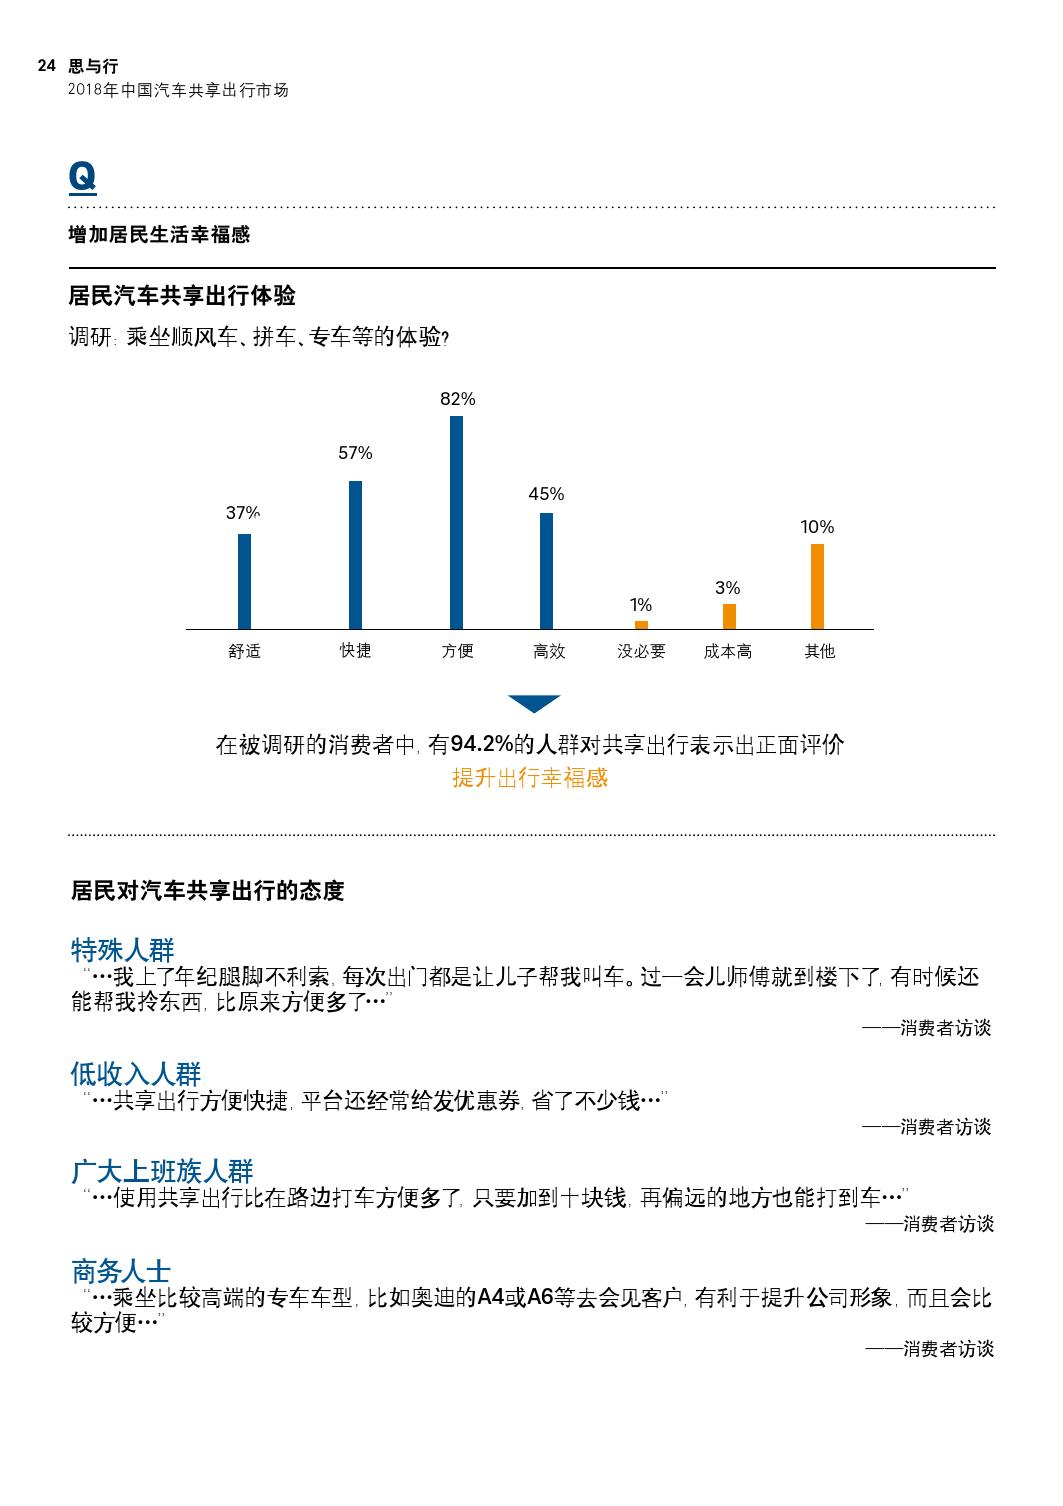 2018年中国汽车共享出行市场分析预测报告_000024